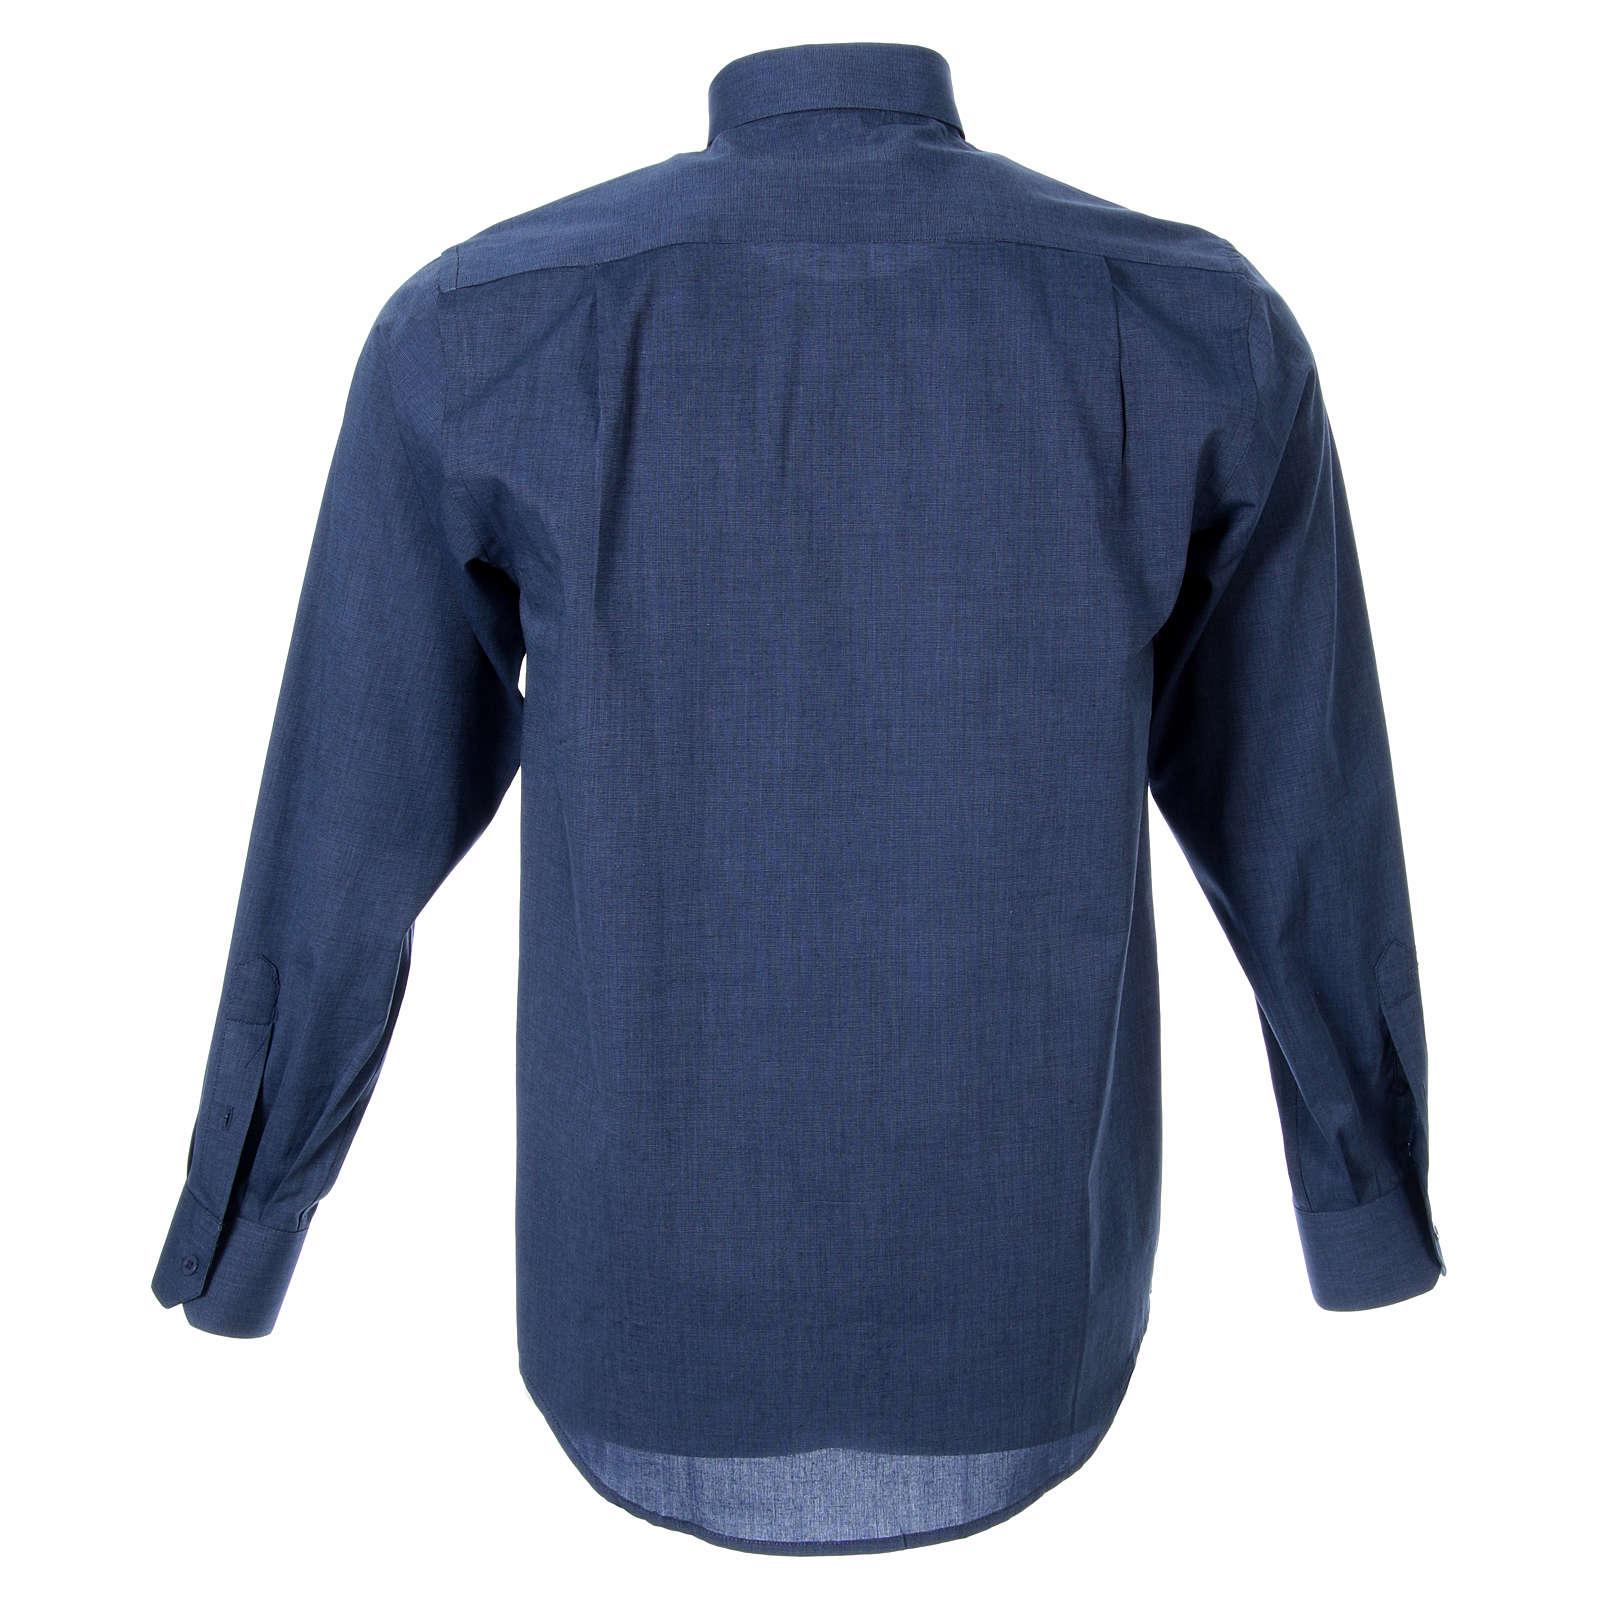 STOCK Camicia clergy manica lunga filafil blu 4